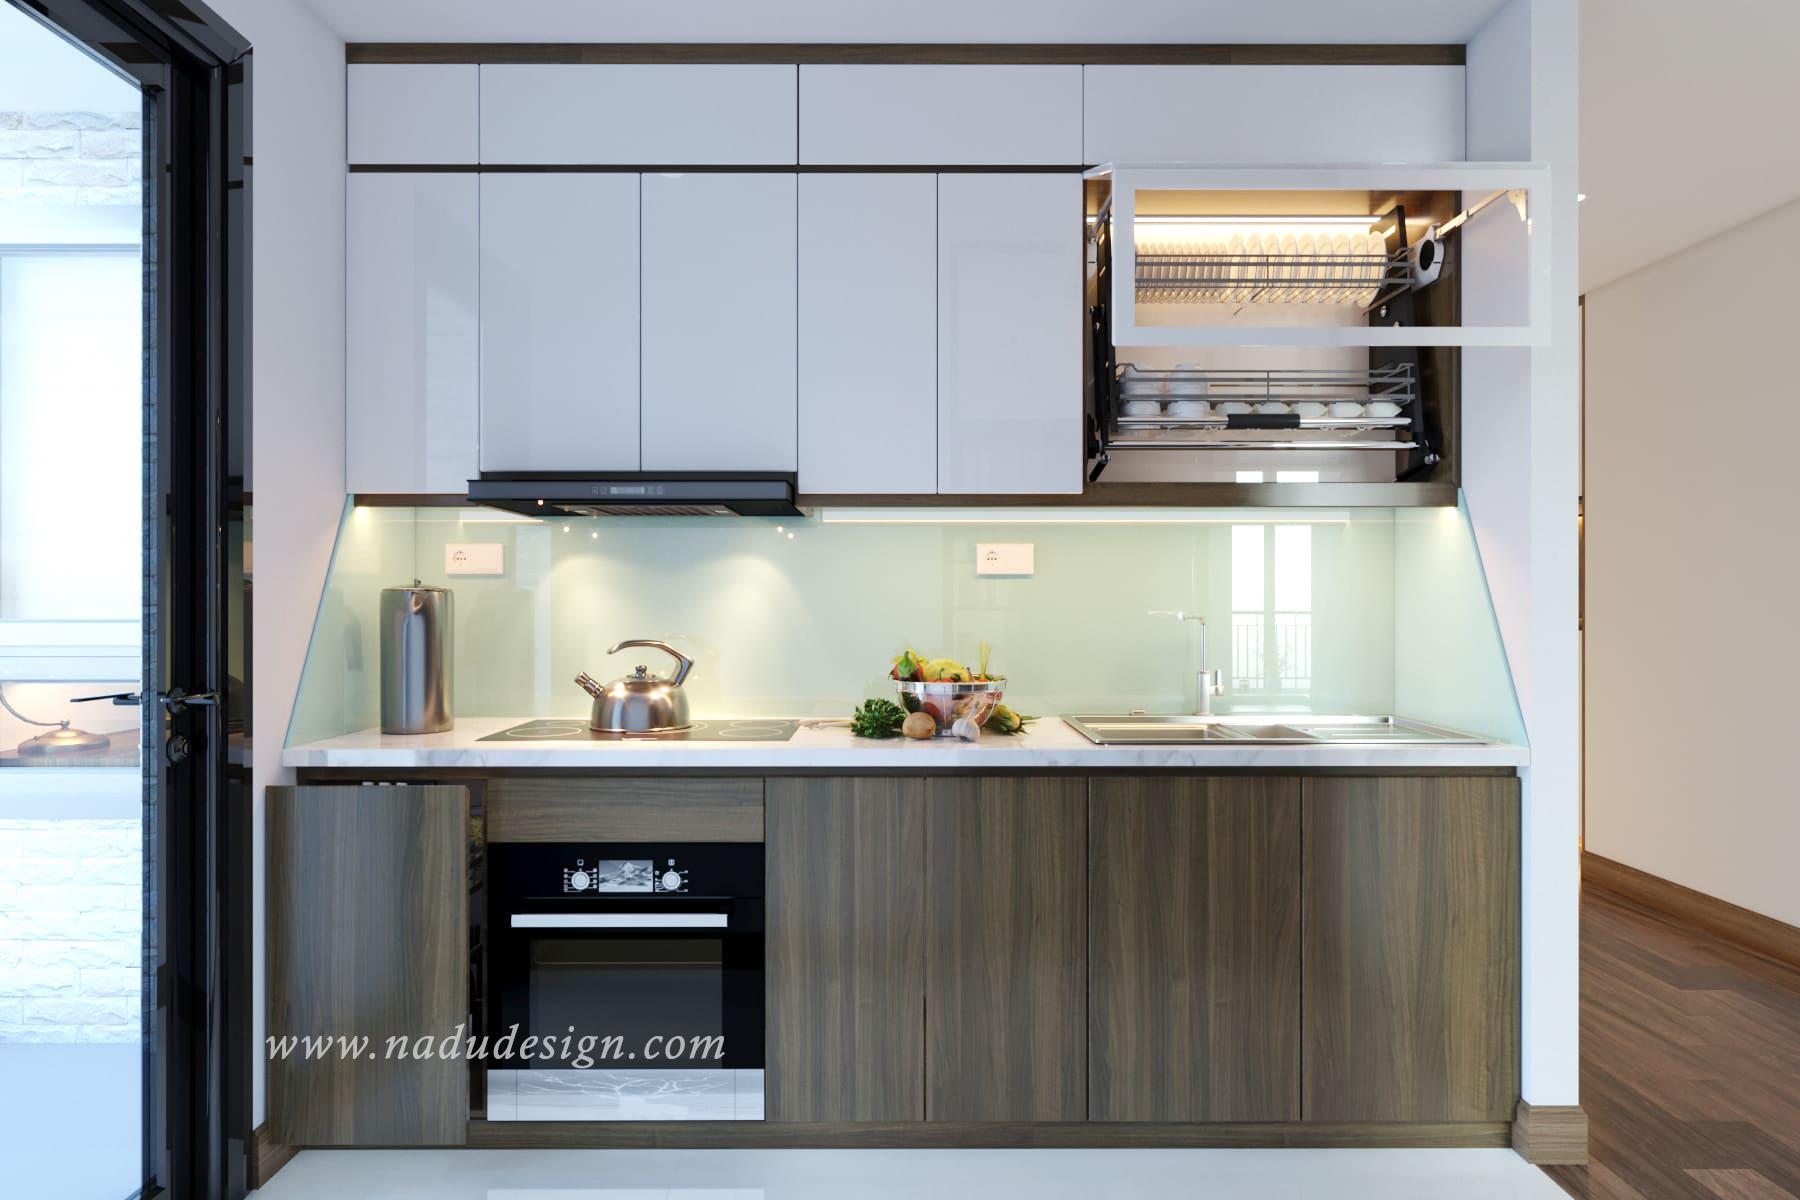 Các ý tưởng thiết kế nhà bếp và phòng ăn nhìn là muốn ở ngay